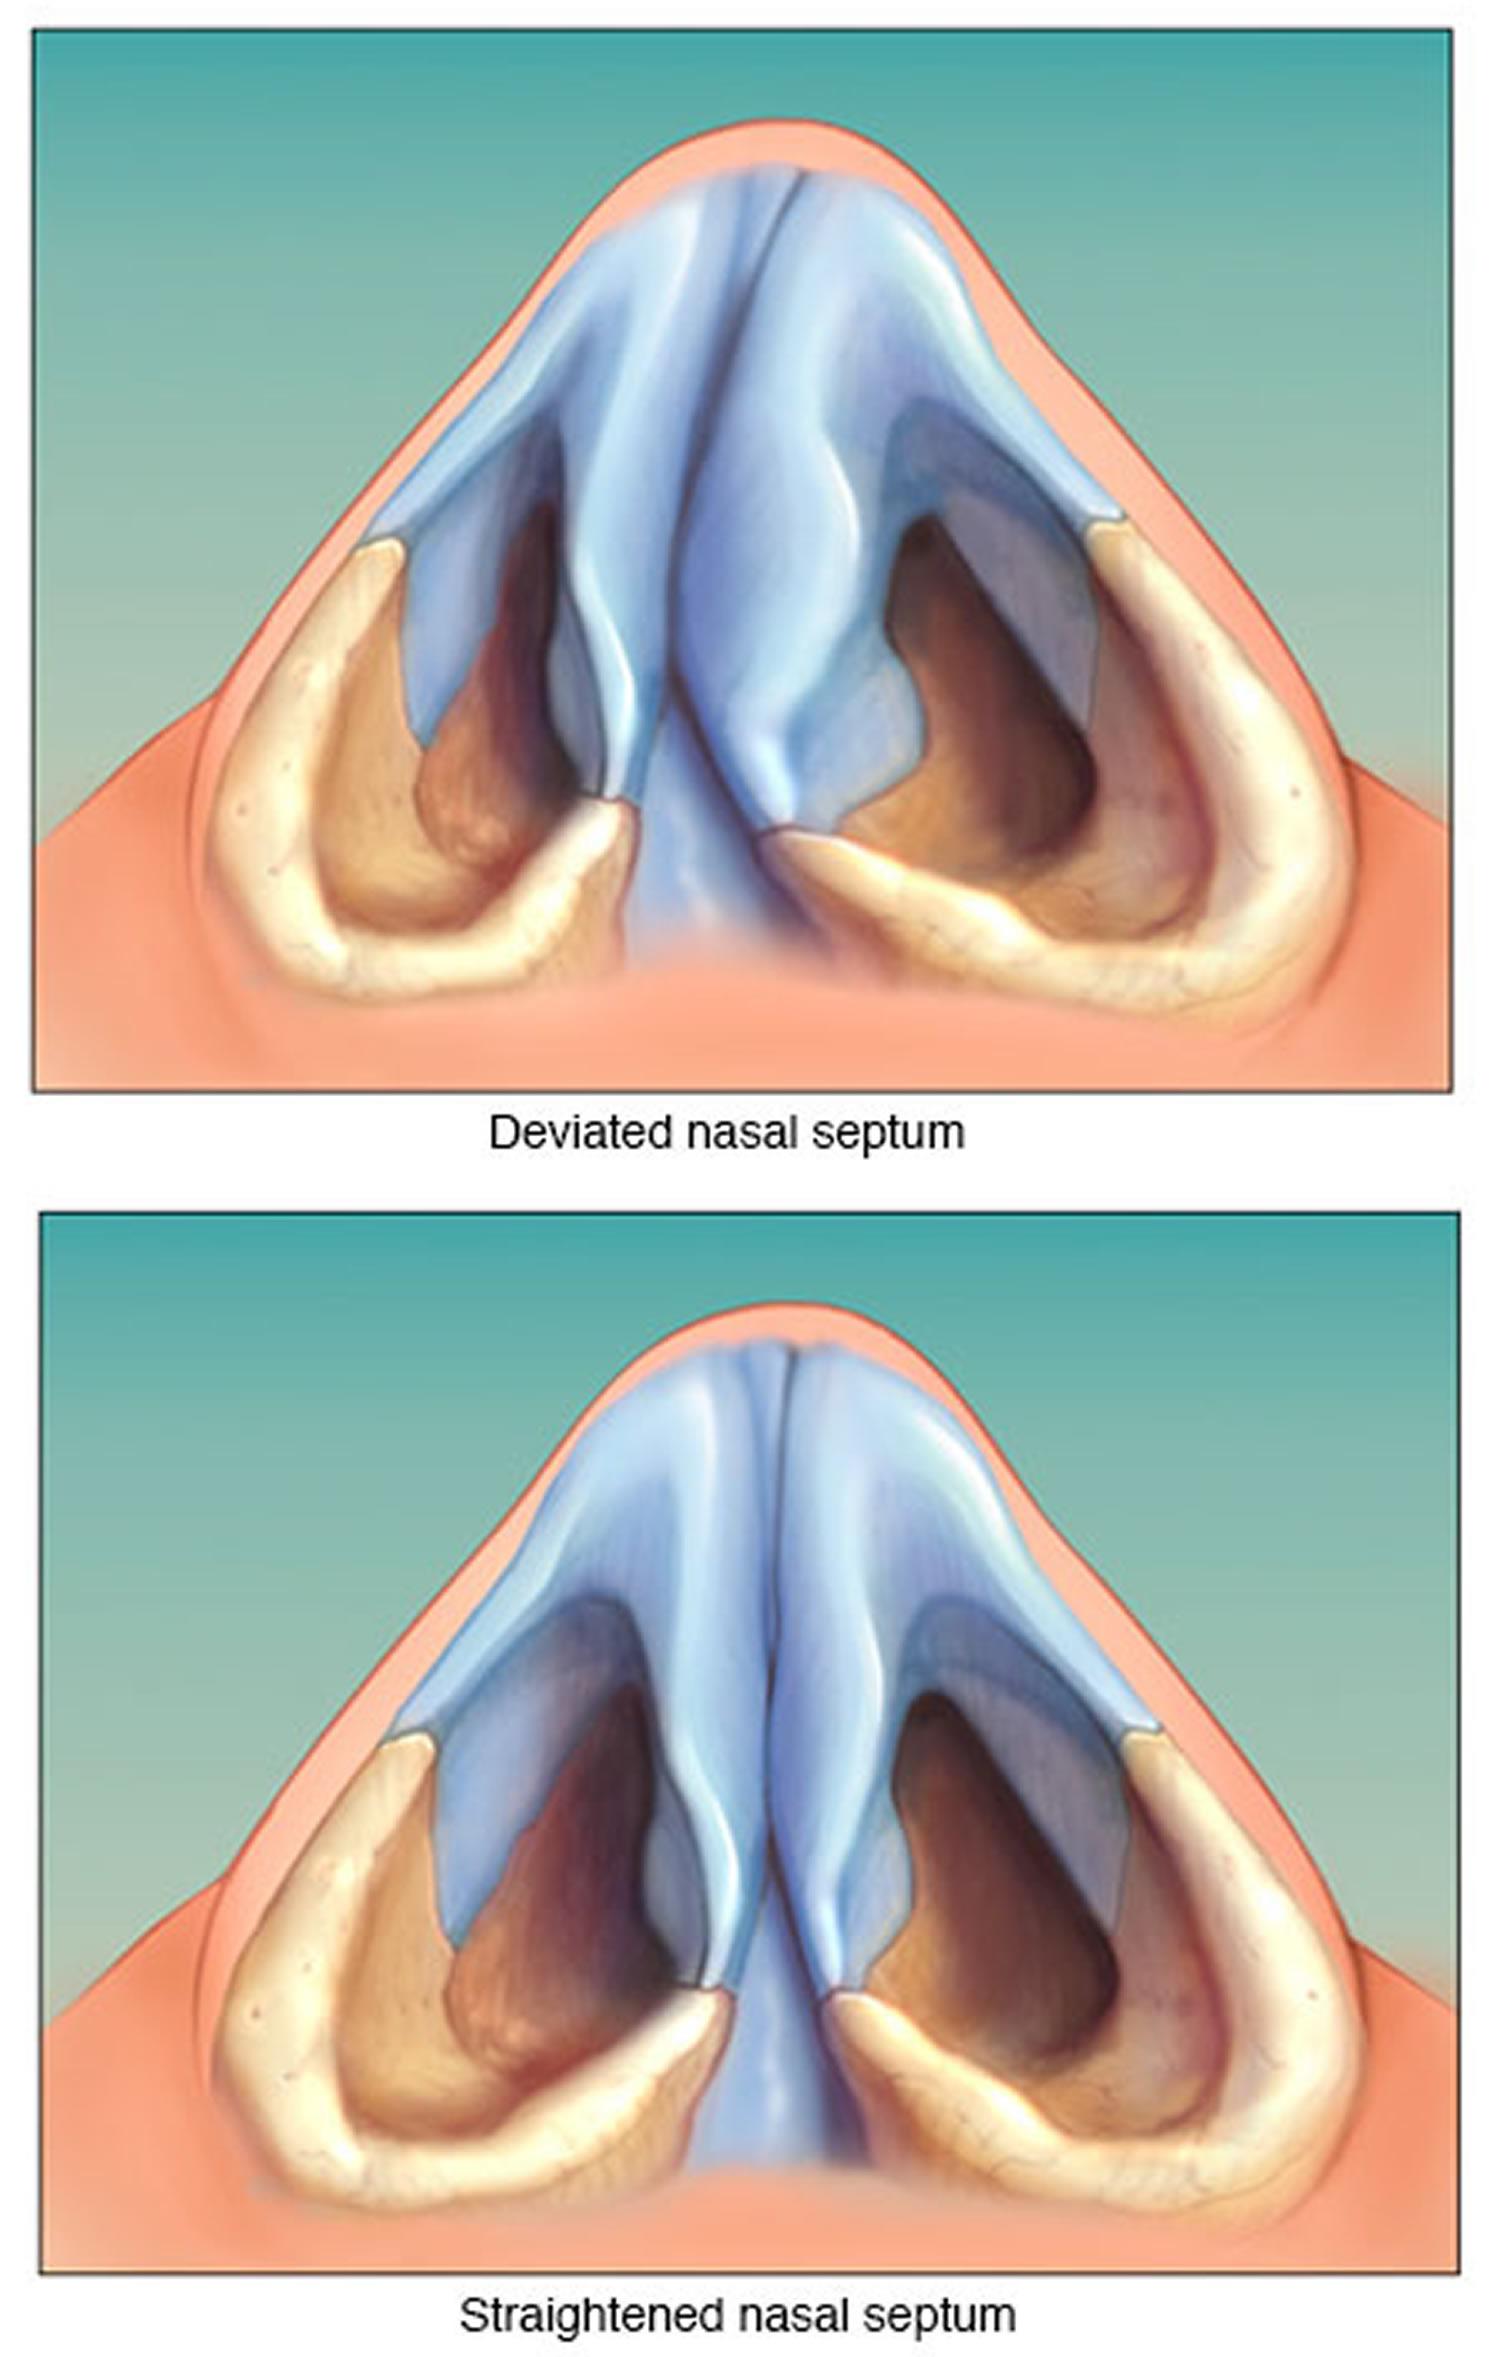 Deviated Septum - Causes, Symptoms, How To Fix A Deviated Septum